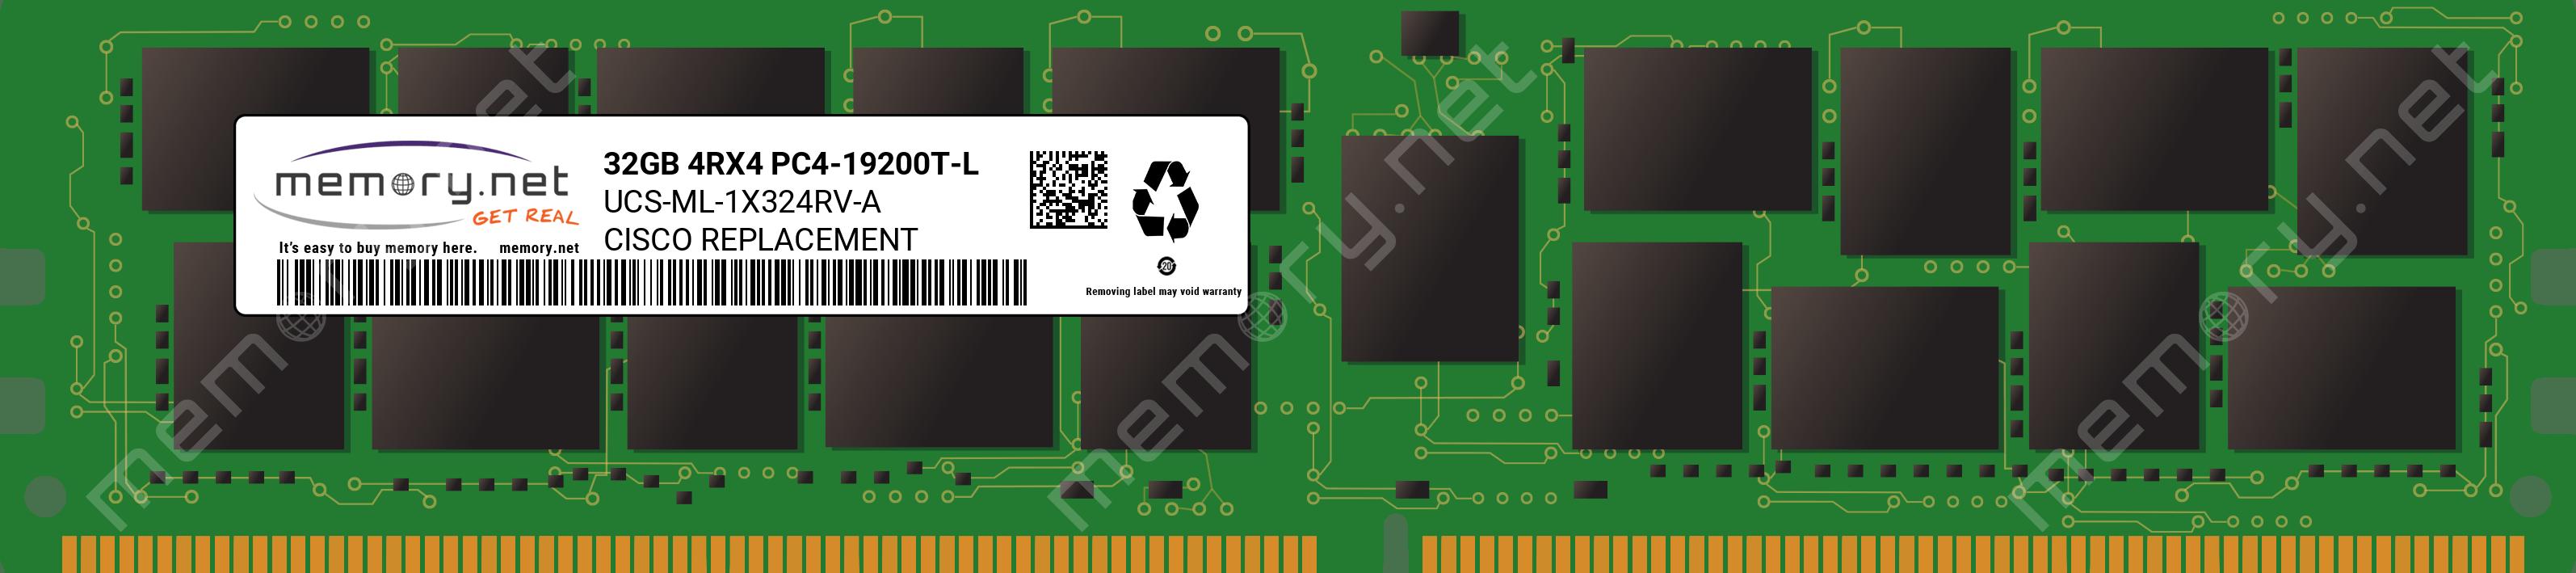 UCS-ML-1X324RV-A